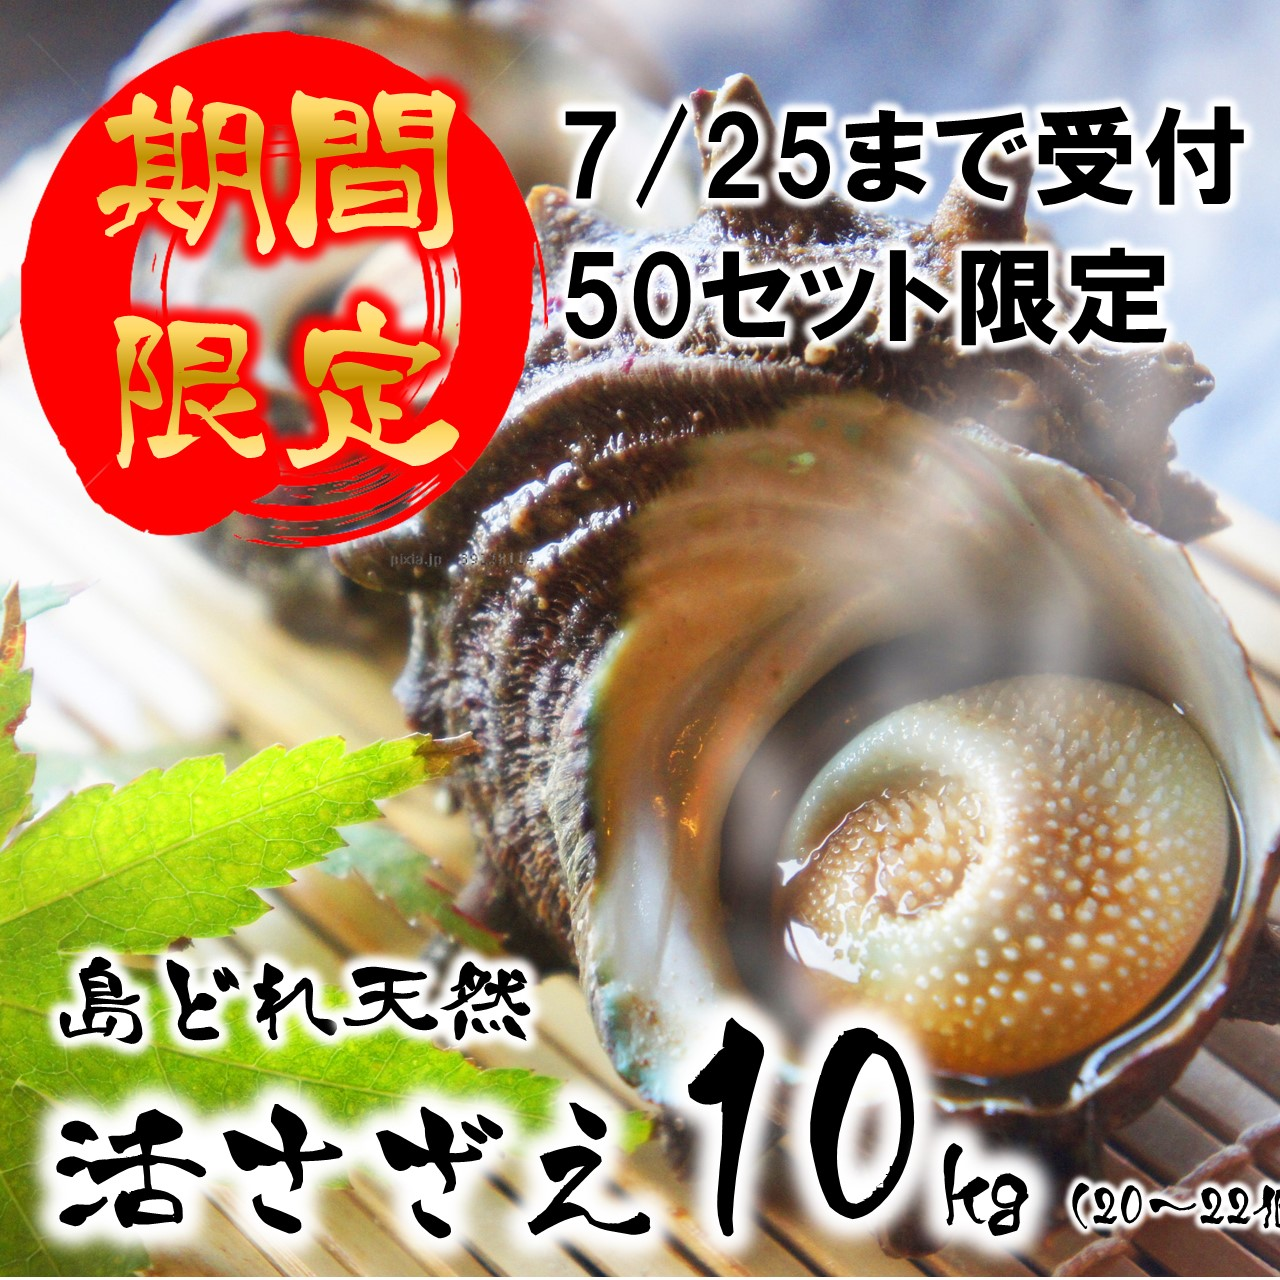 島根県海士町 【ふるさと納税】期間限定 数量限定 活さざえ 10kg 先行発送 7月中に届く